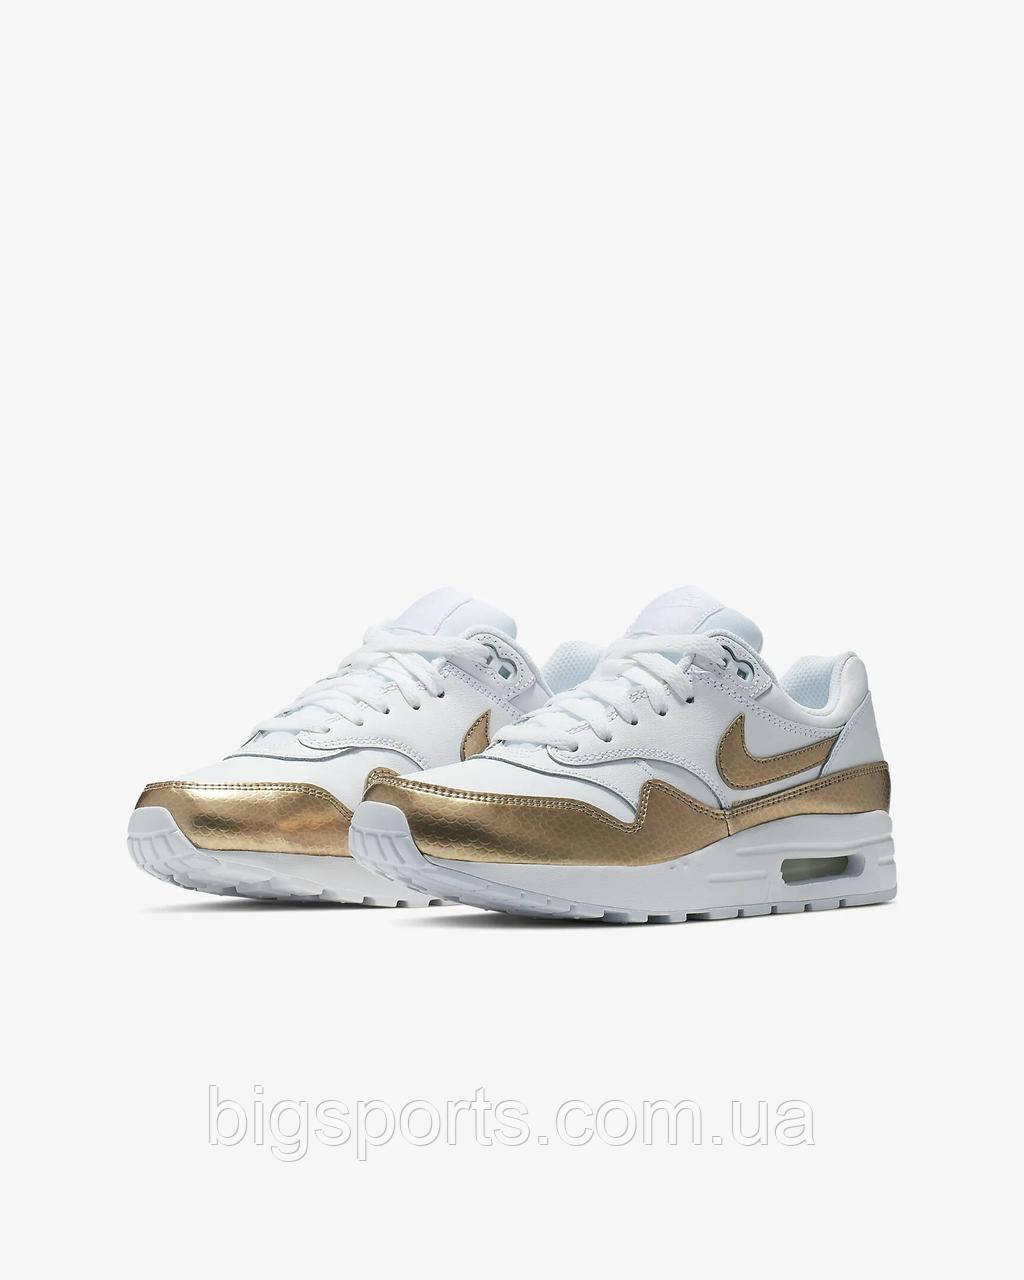 Кроссовки дет. Nike Air Max 1 EP (GS) (арт. BV0033-100), фото 1